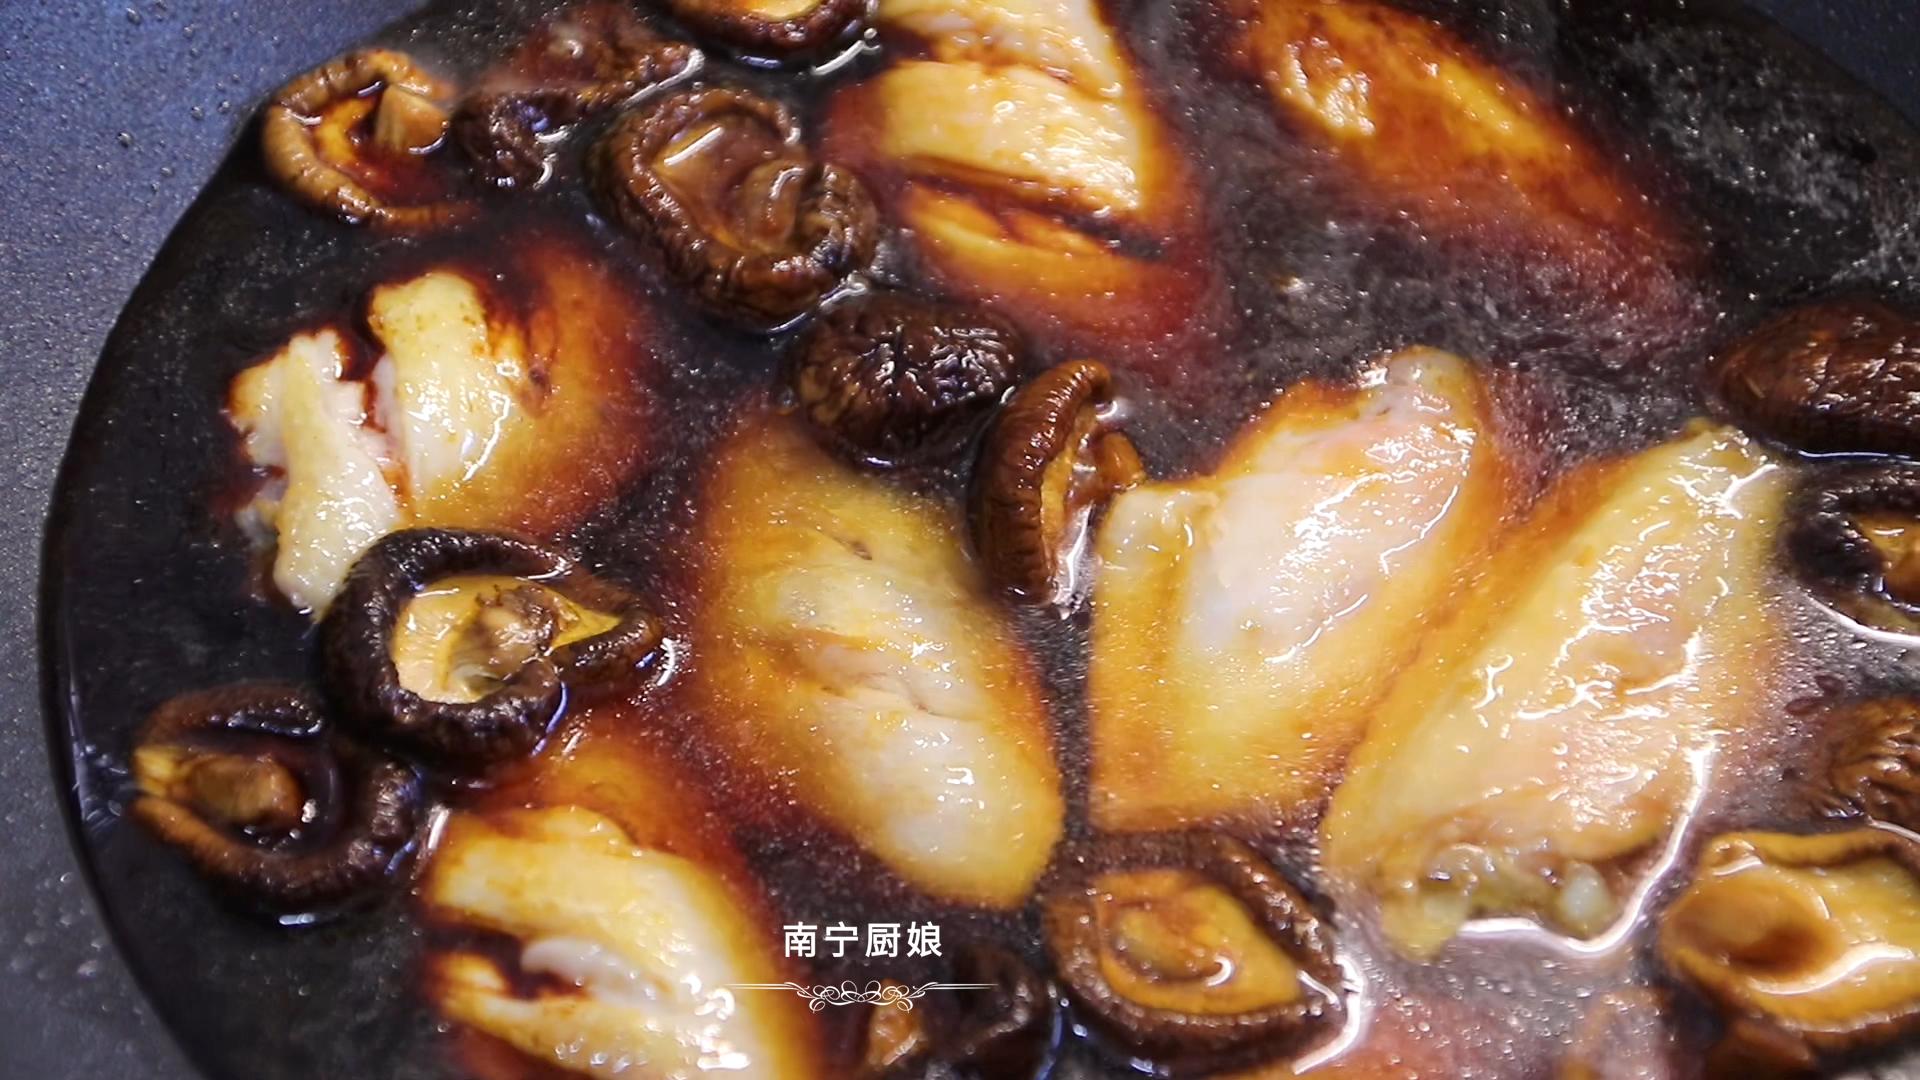 做红烧鸡翅,很多人下锅前就做错了,难怪做出来肉质发柴、腥味重